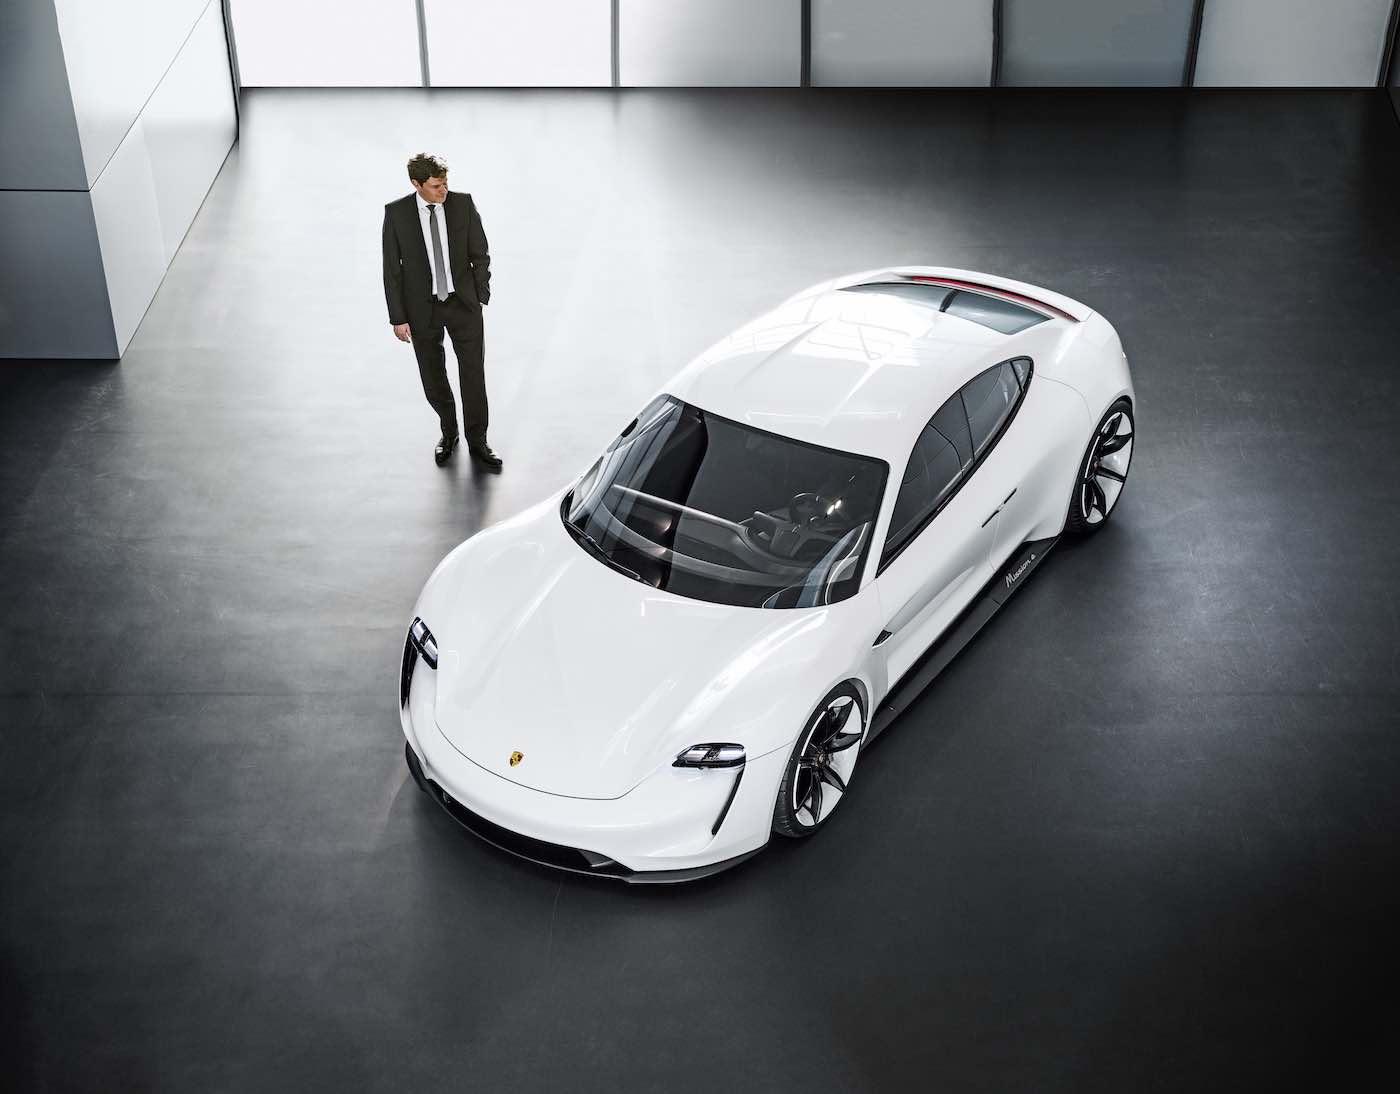 El TAYCAN ofrecerá el mismo placer de manejo que un Porsche convencional